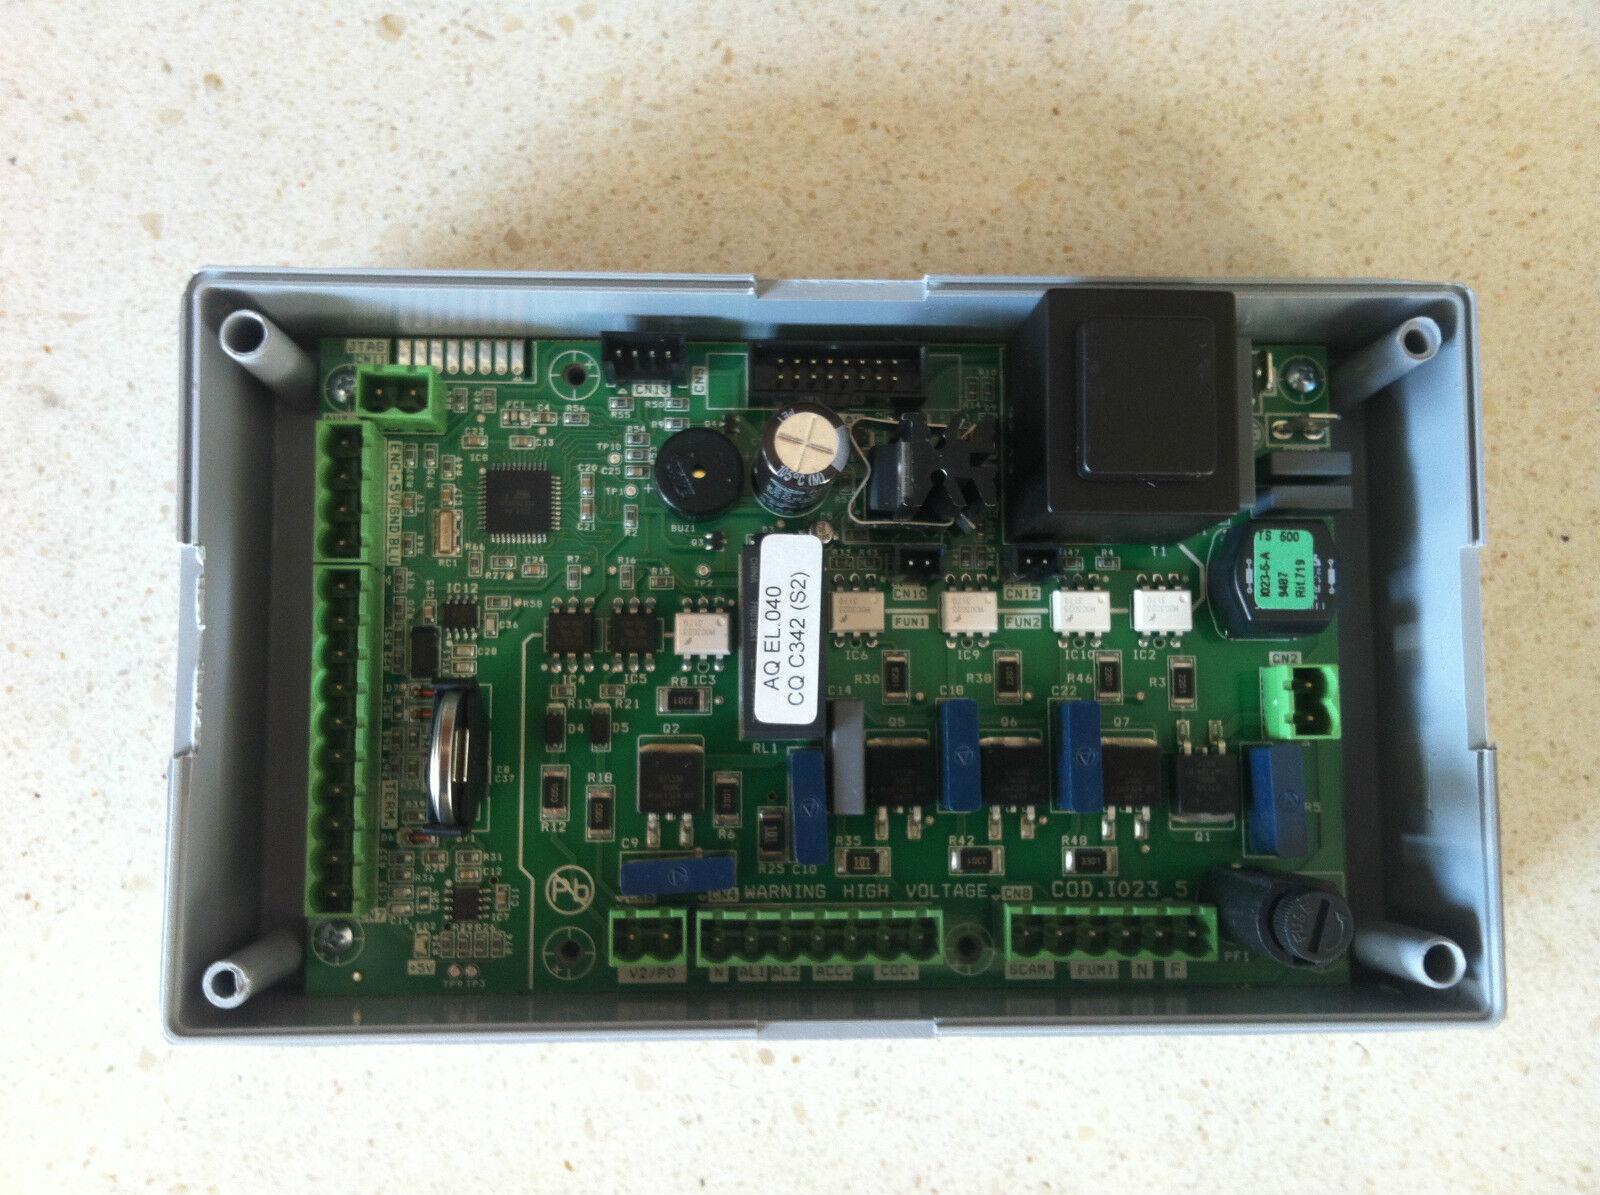 SCHEDA stufa a pellet MICRONOVA Mod. I023 SCHEDA GIA' PROGRAMMATA idro aria